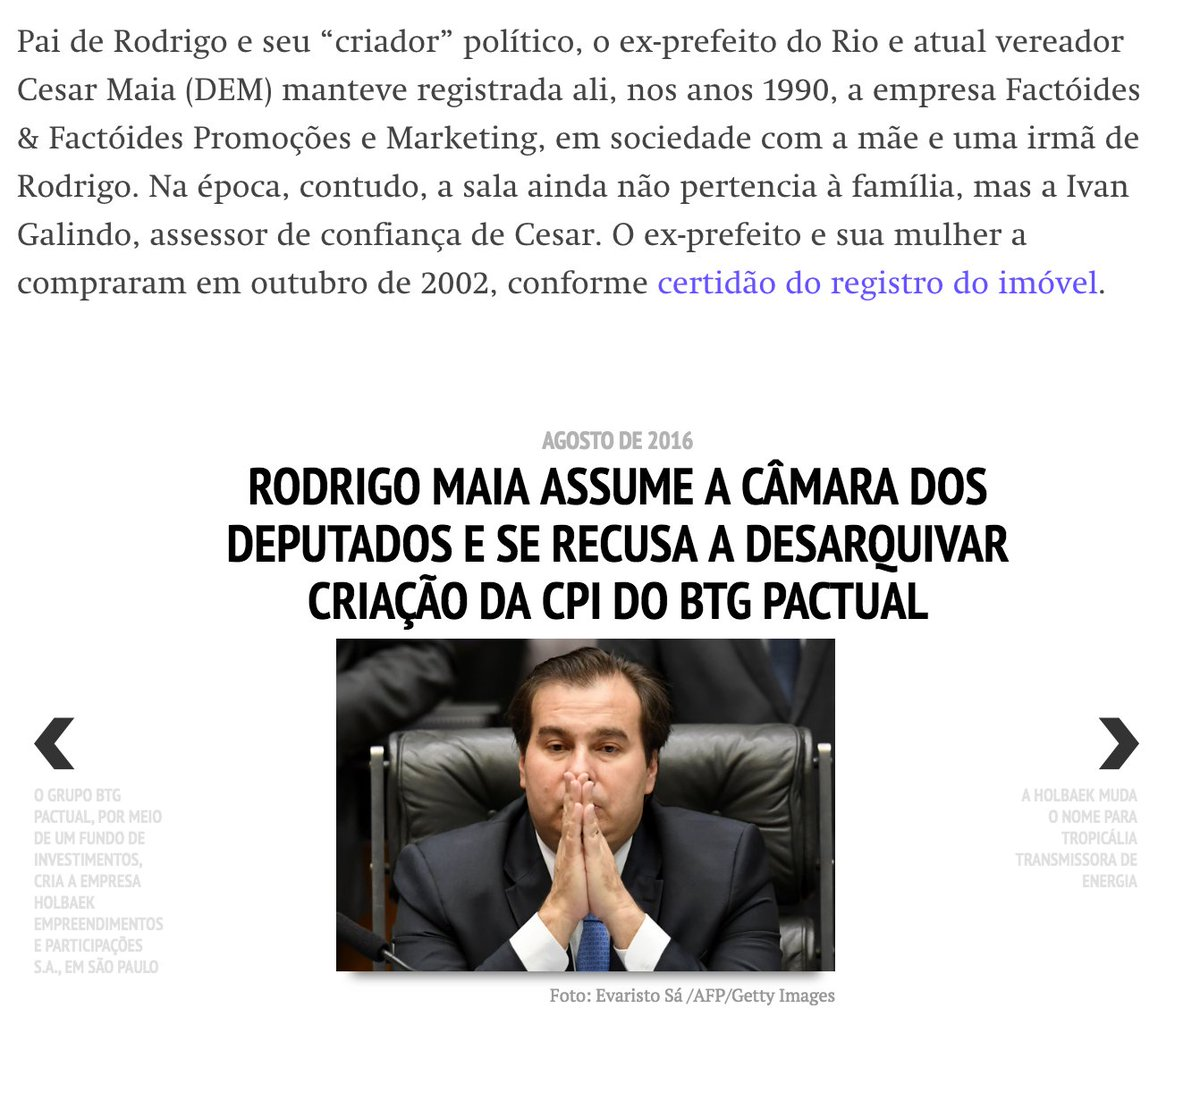 Intercept: Rodrigo Maia é dono de escritório usado pelos grupos Odebrecht e BTG Pactual https://t.co/Xlzm9tkQh0